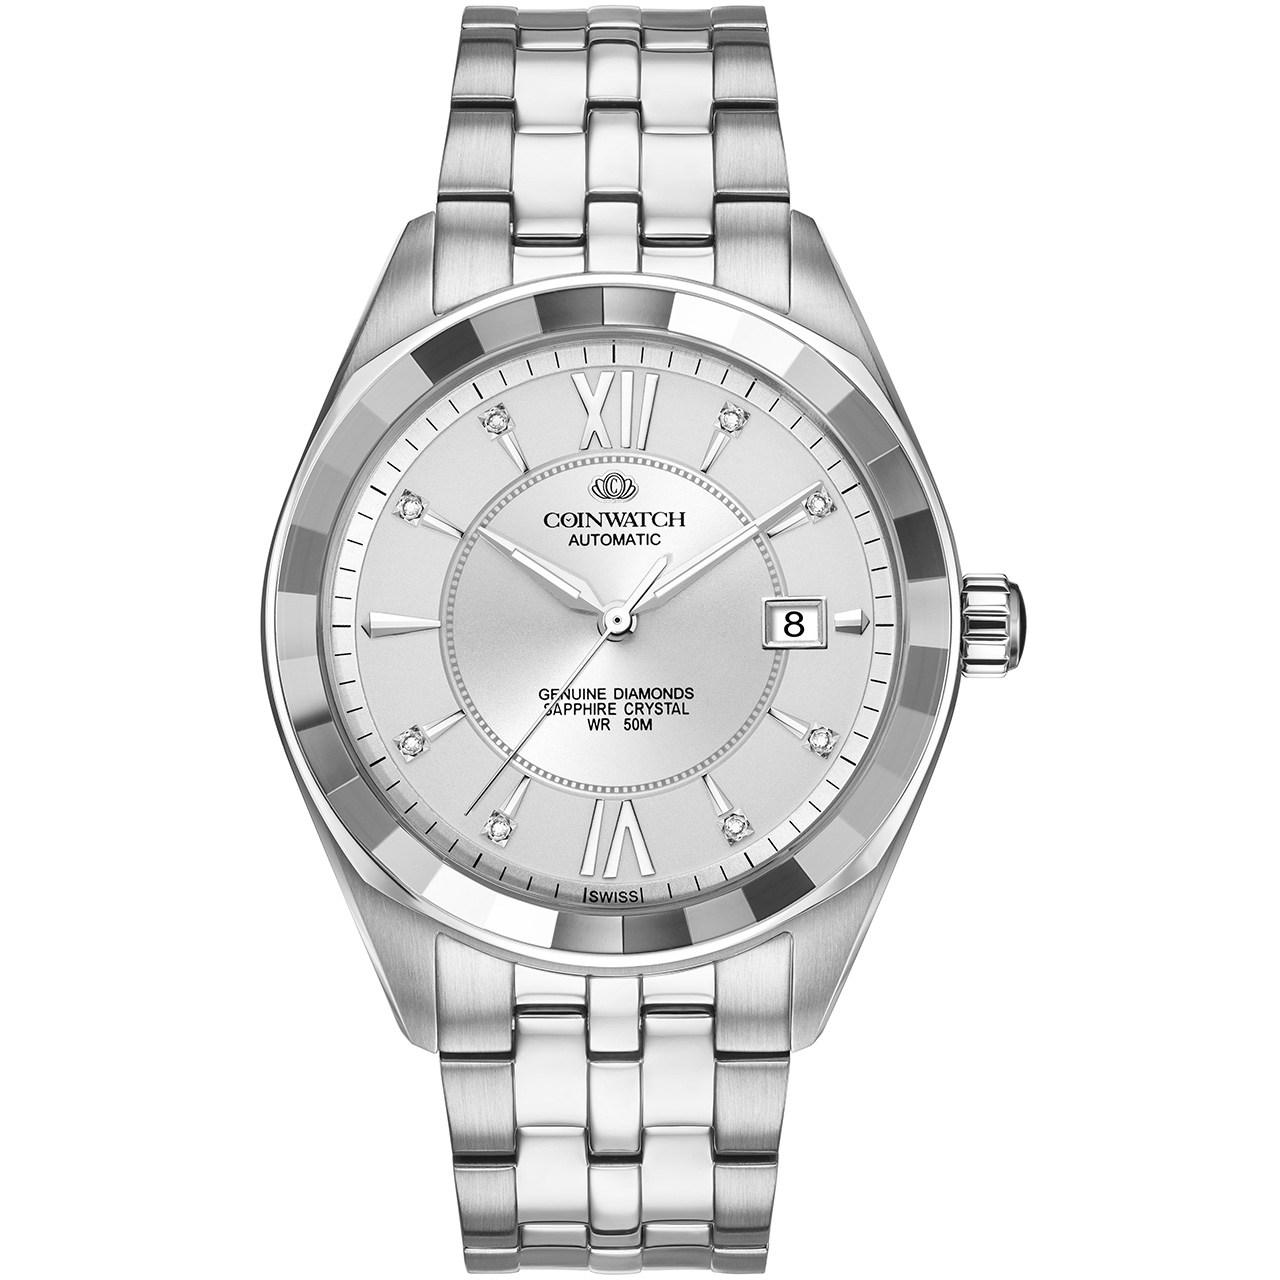 ساعت مچی عقربه ای مردانه کوین واچ مدل C155SWH 23